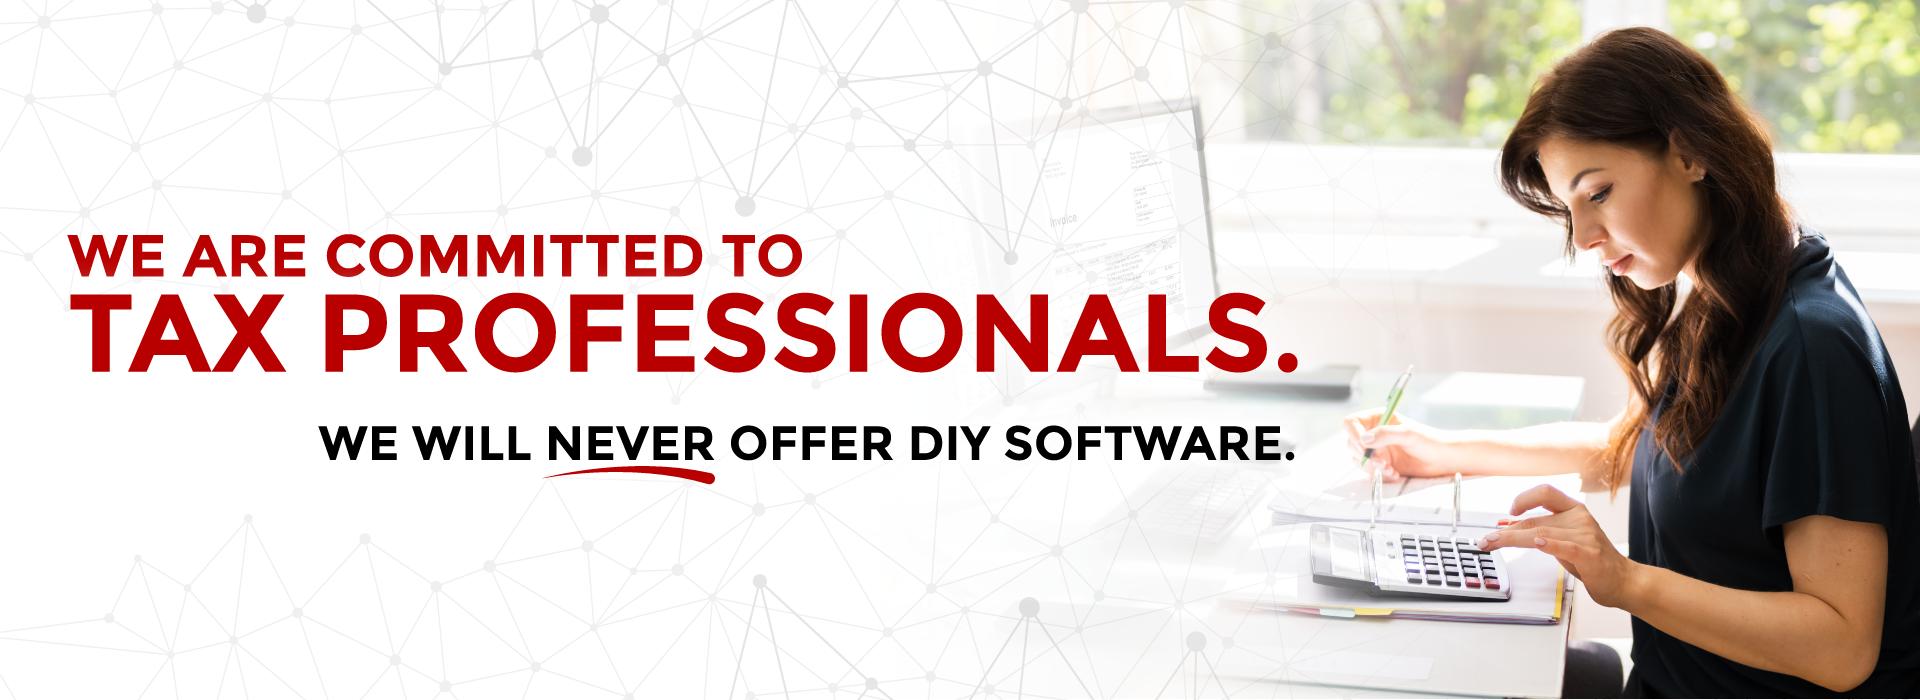 No DIY Software